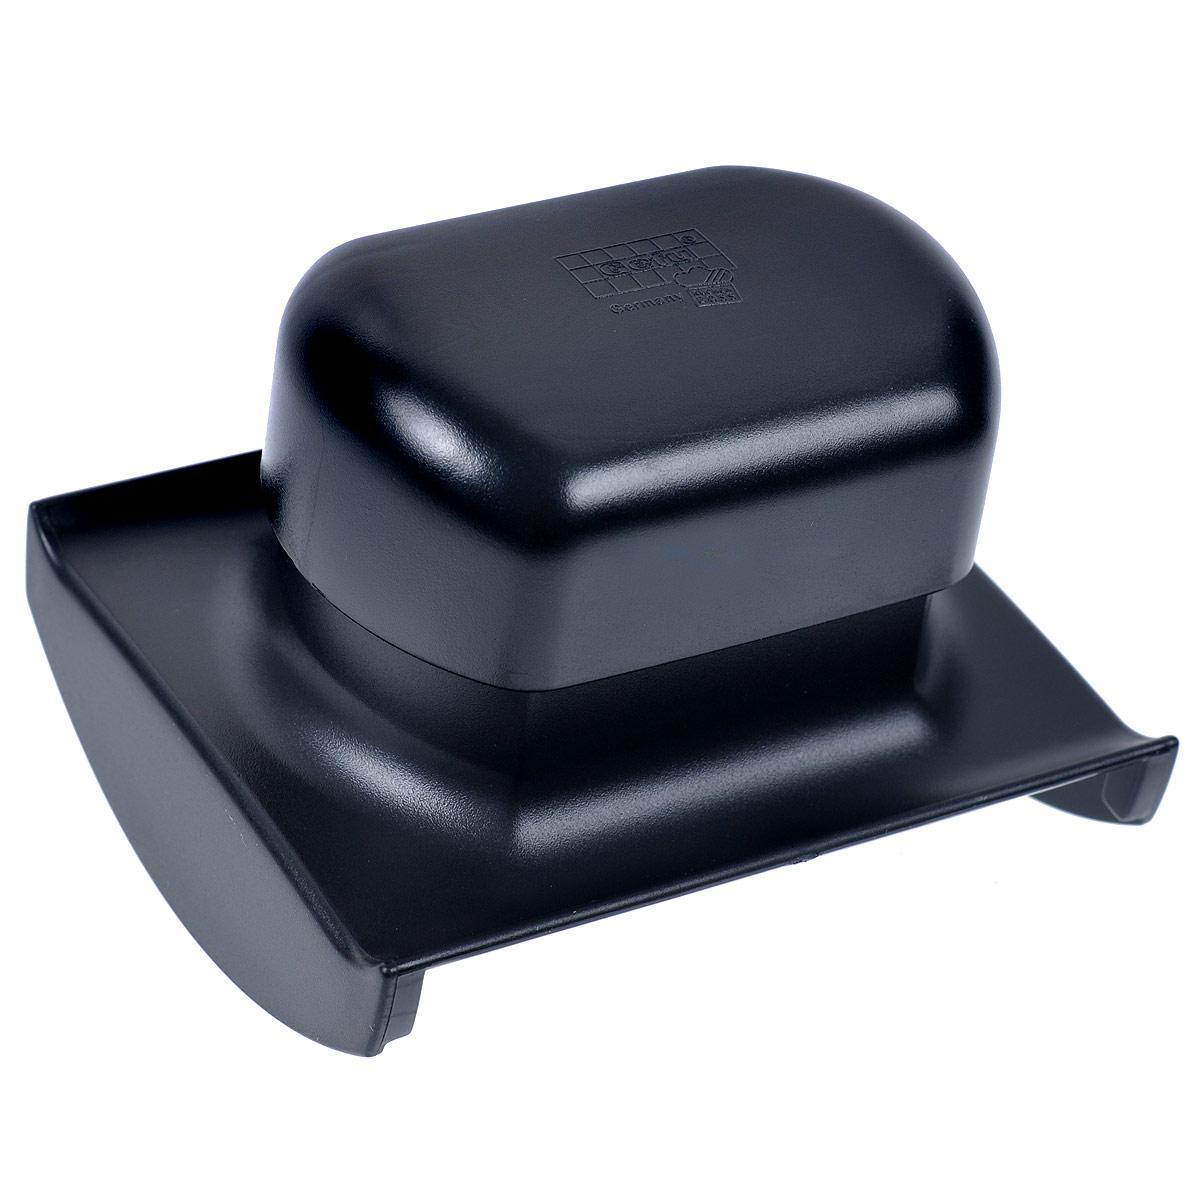 Держатель для терки Raspini55550Держатель для терки Raspini выполнен из высококачественного пластика черного цвета. Специальный держатель для терки Raspini защищает руки и дает возможность нарезать любые продукты. Можно мыть в посудомоечной машине. Характеристики: Материал: высококачественный пластик. Размер: 11 см х 9,5 см х 8 см. Цвет: черный. Артикул: 55550.